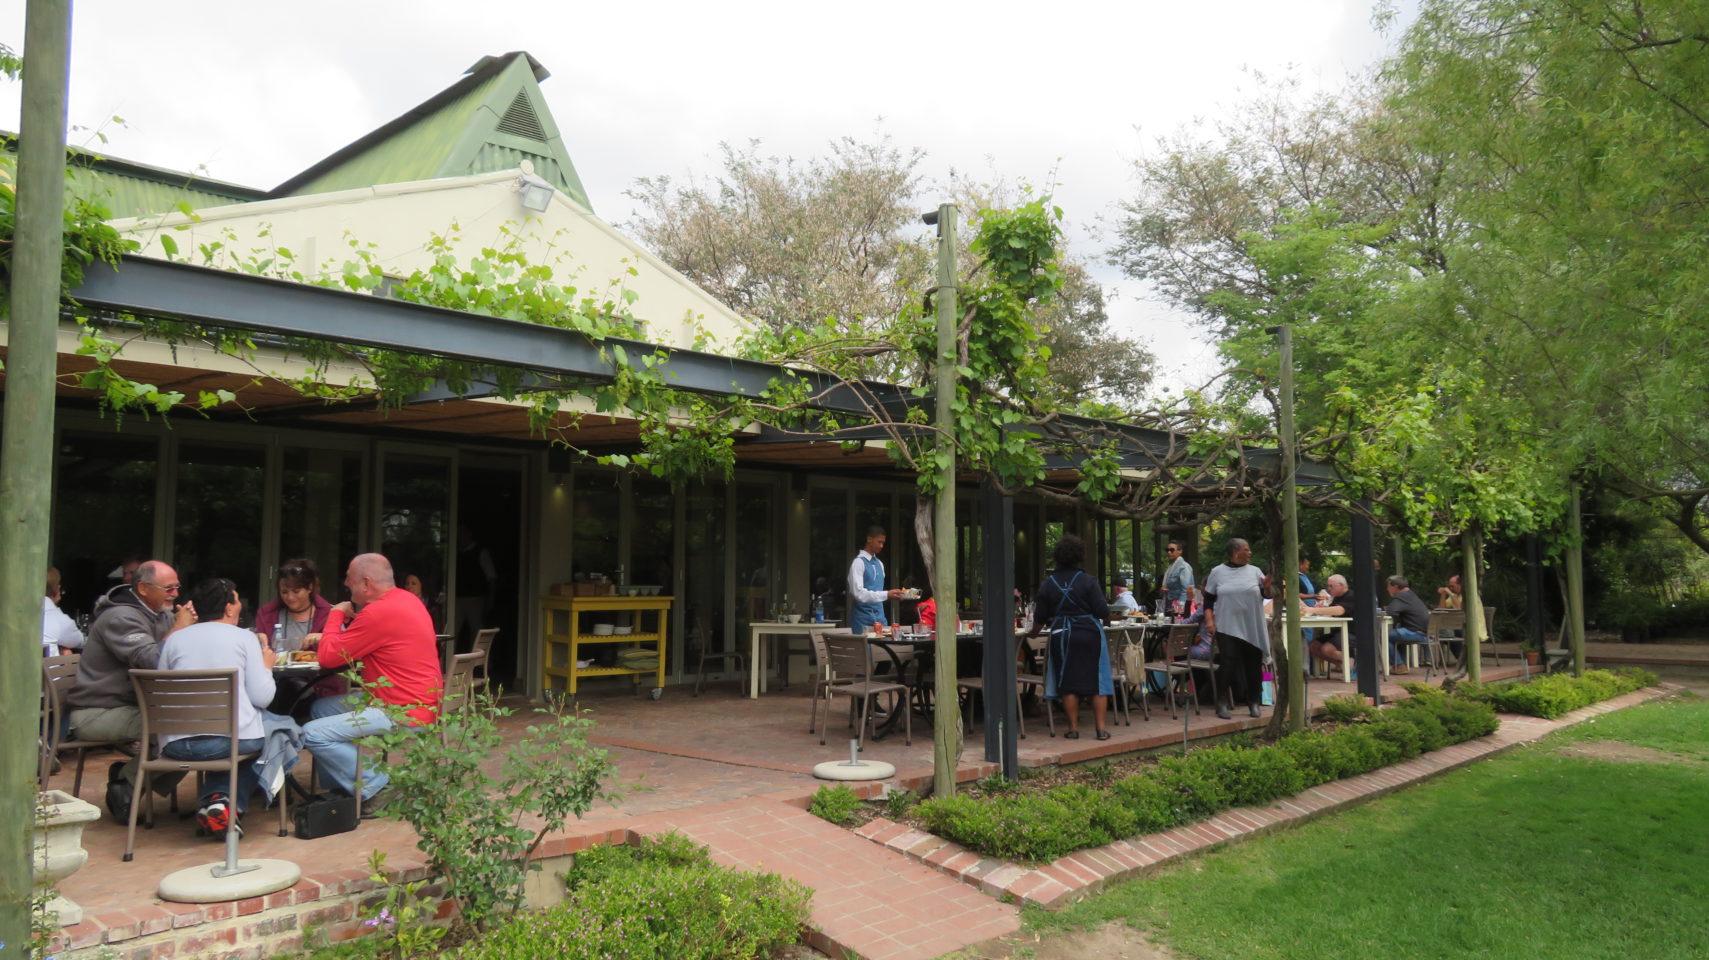 Joostenberg Bistro in Stellenbosch, South Africa